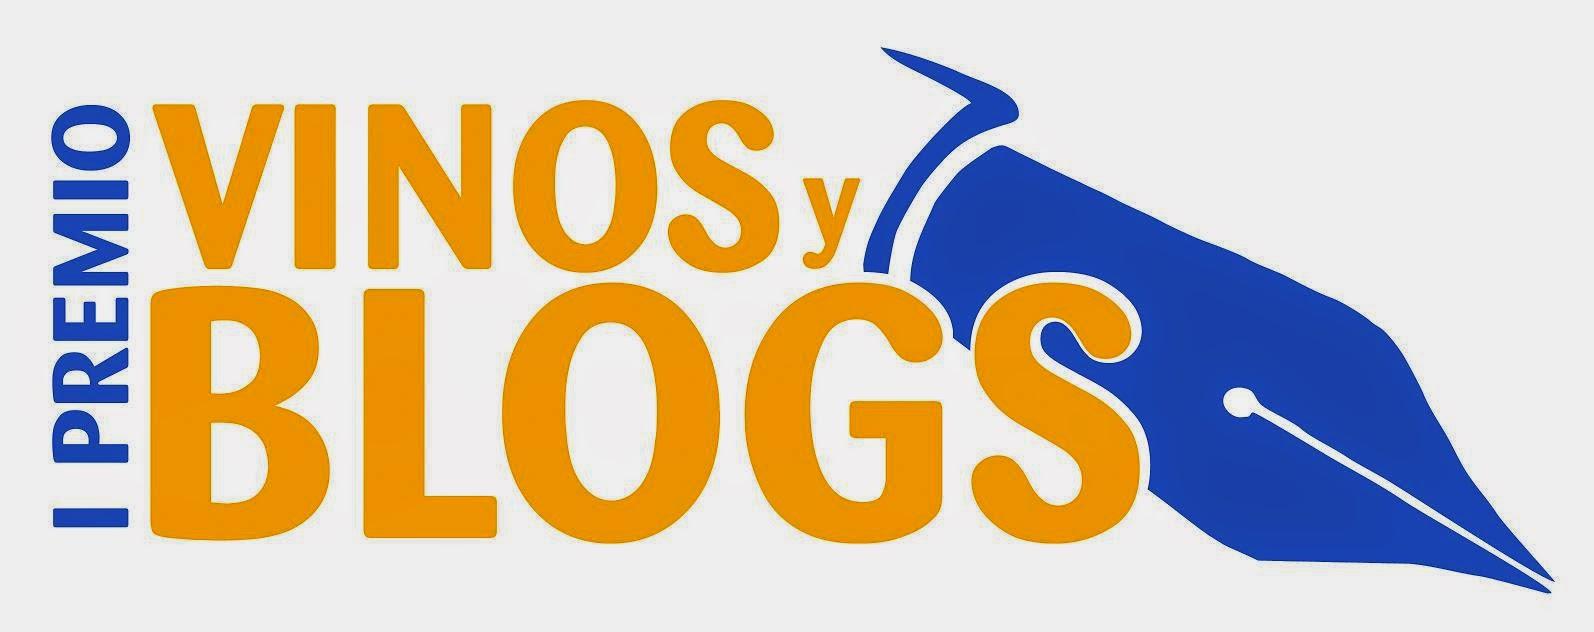 Premio Vinos y Blogs. Vinos del Noroeste